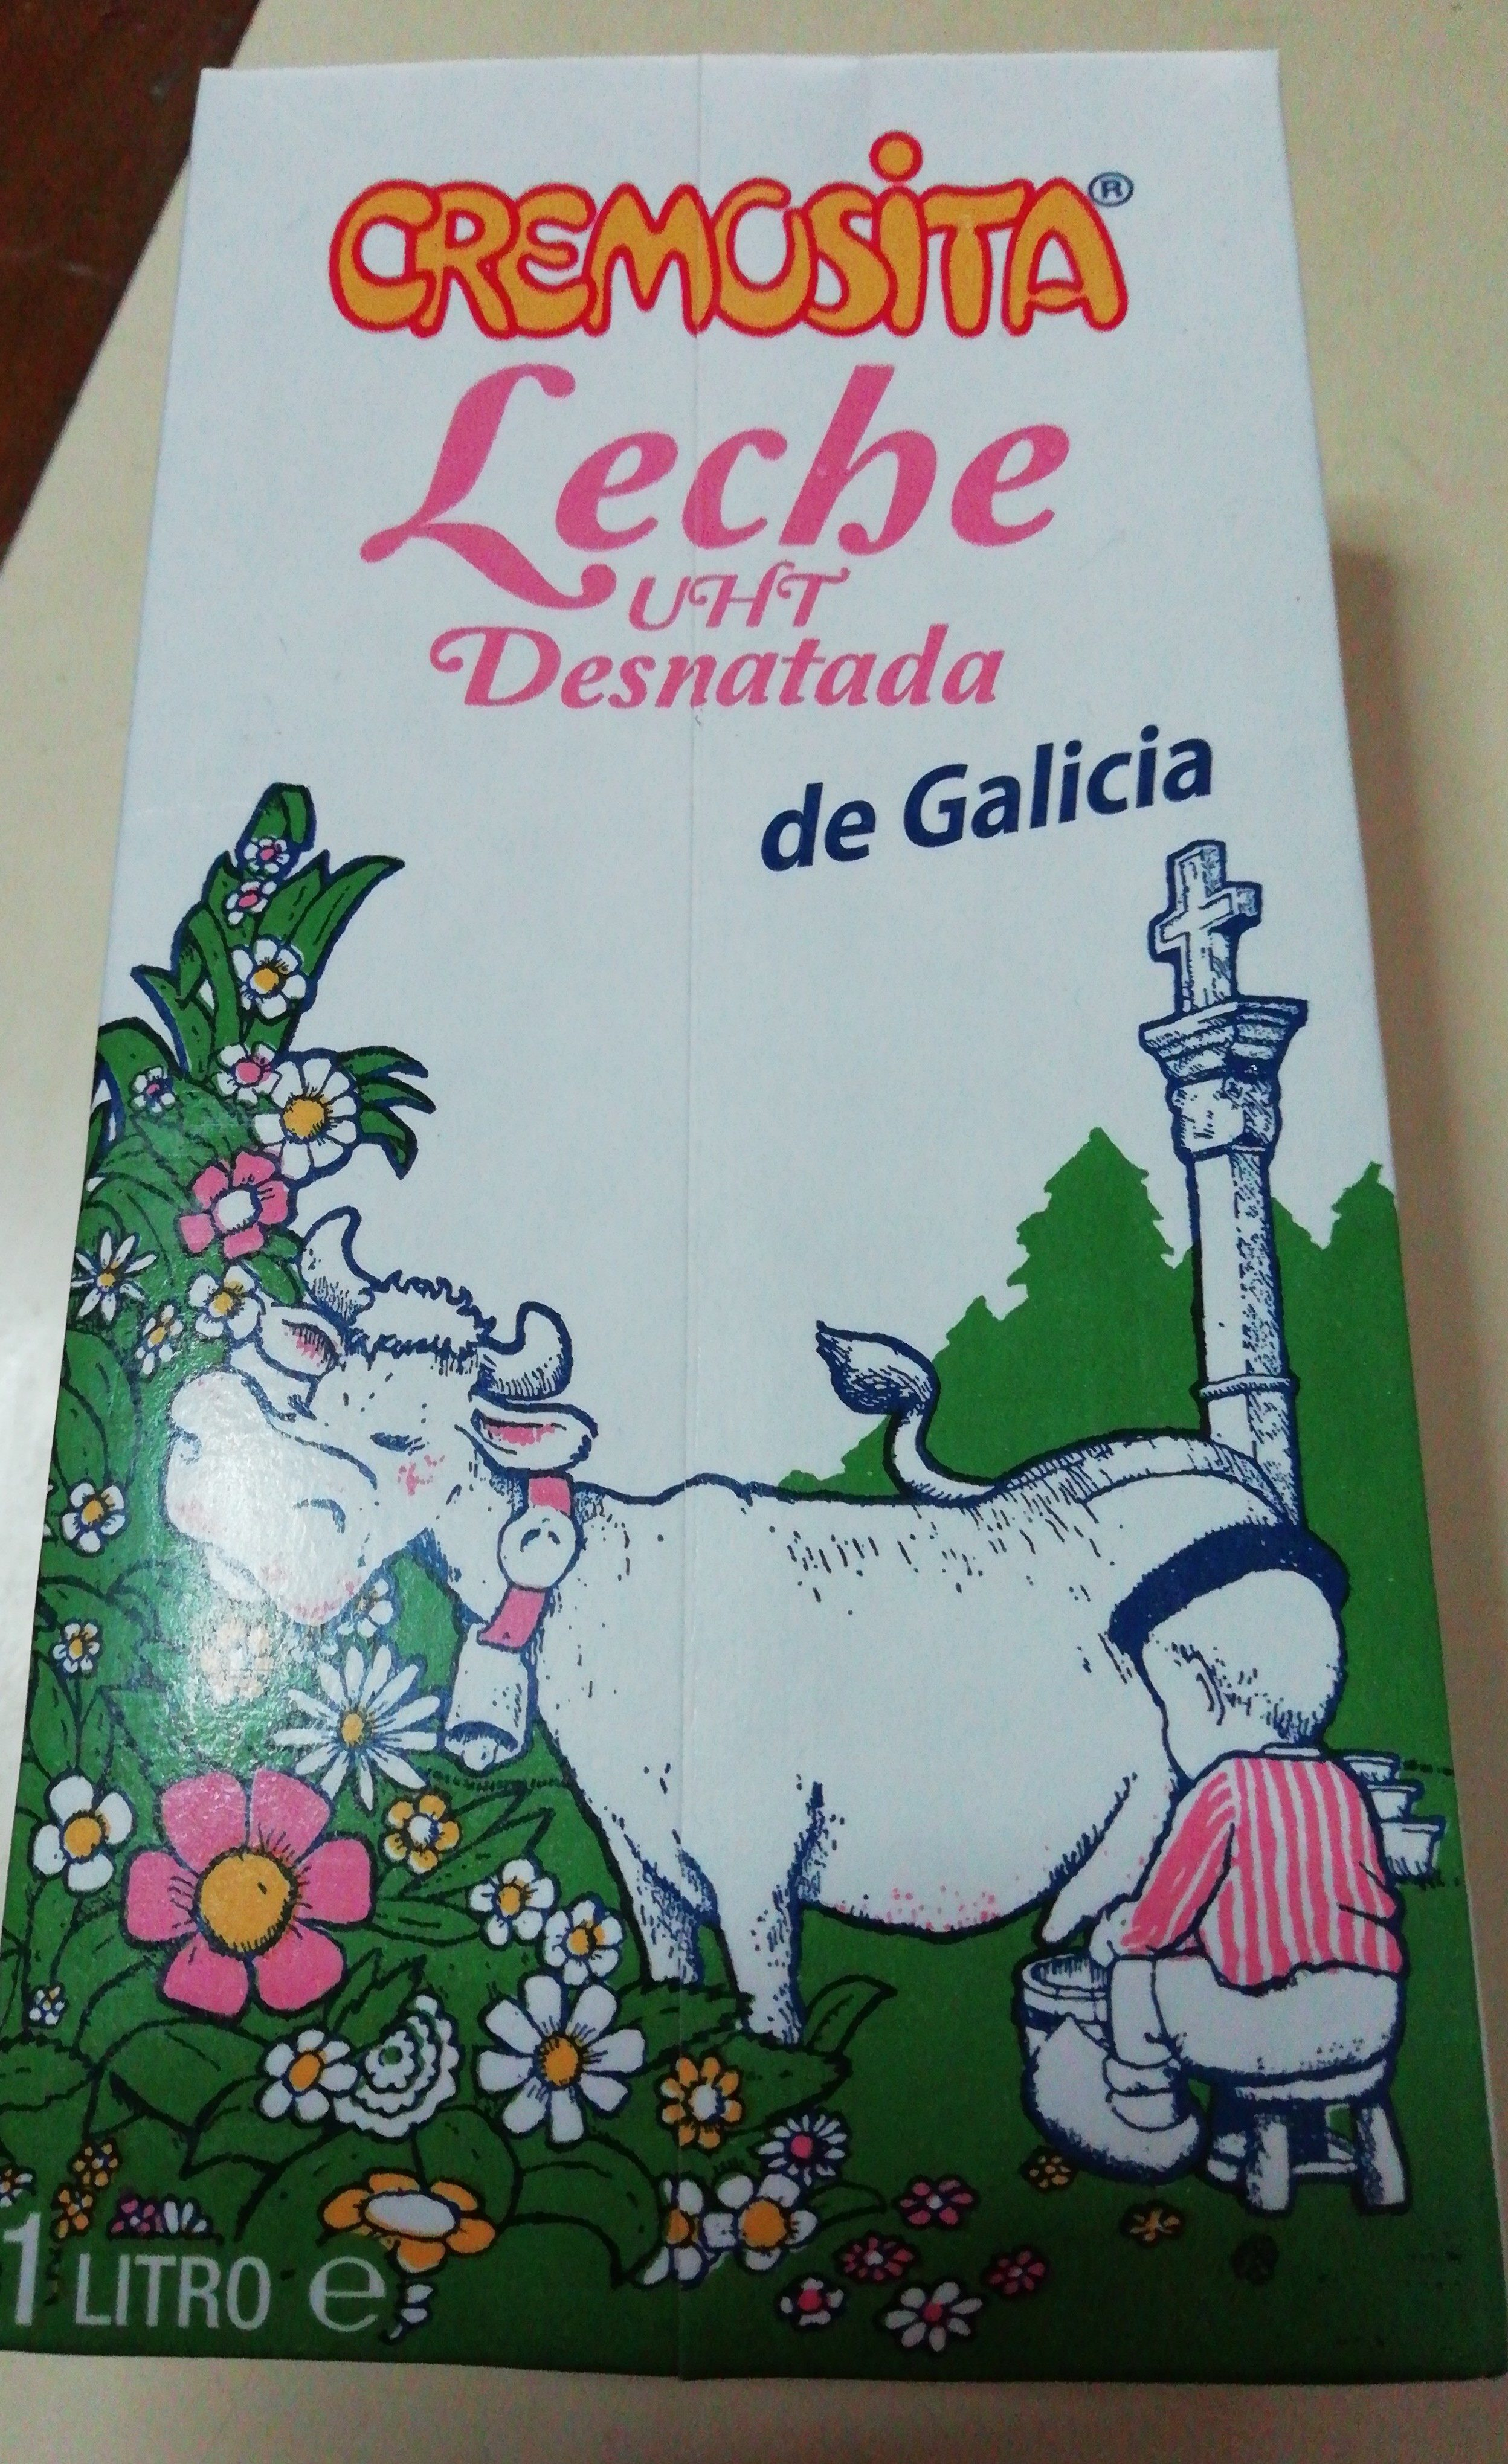 Leche desnatada de Galicia - Producto - es